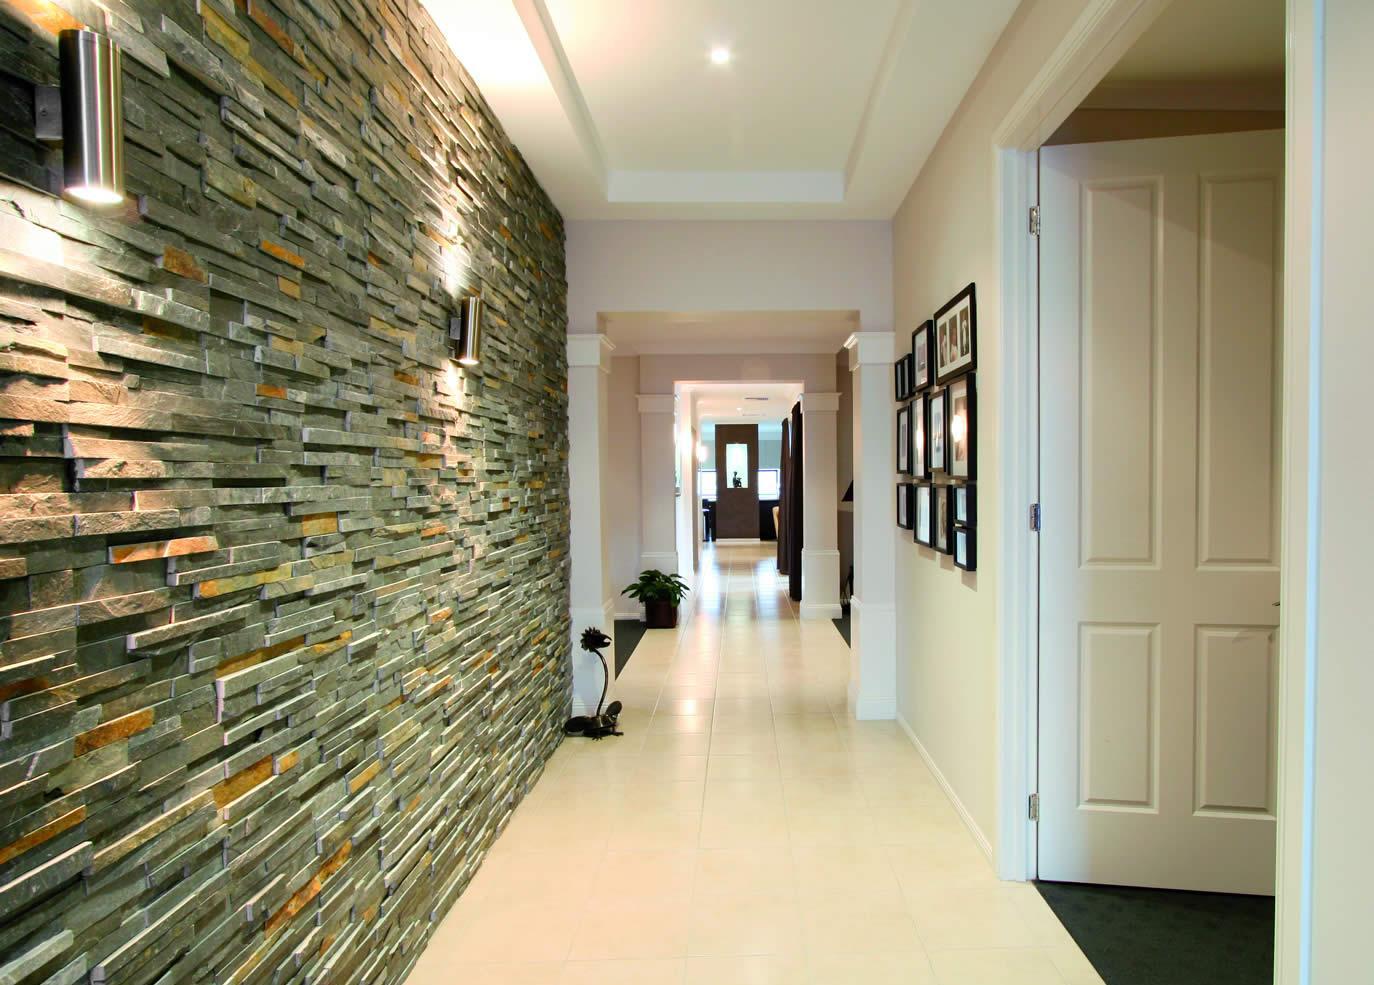 Точечное потолочное и настенное освещение в коридоре с каменной отделкой